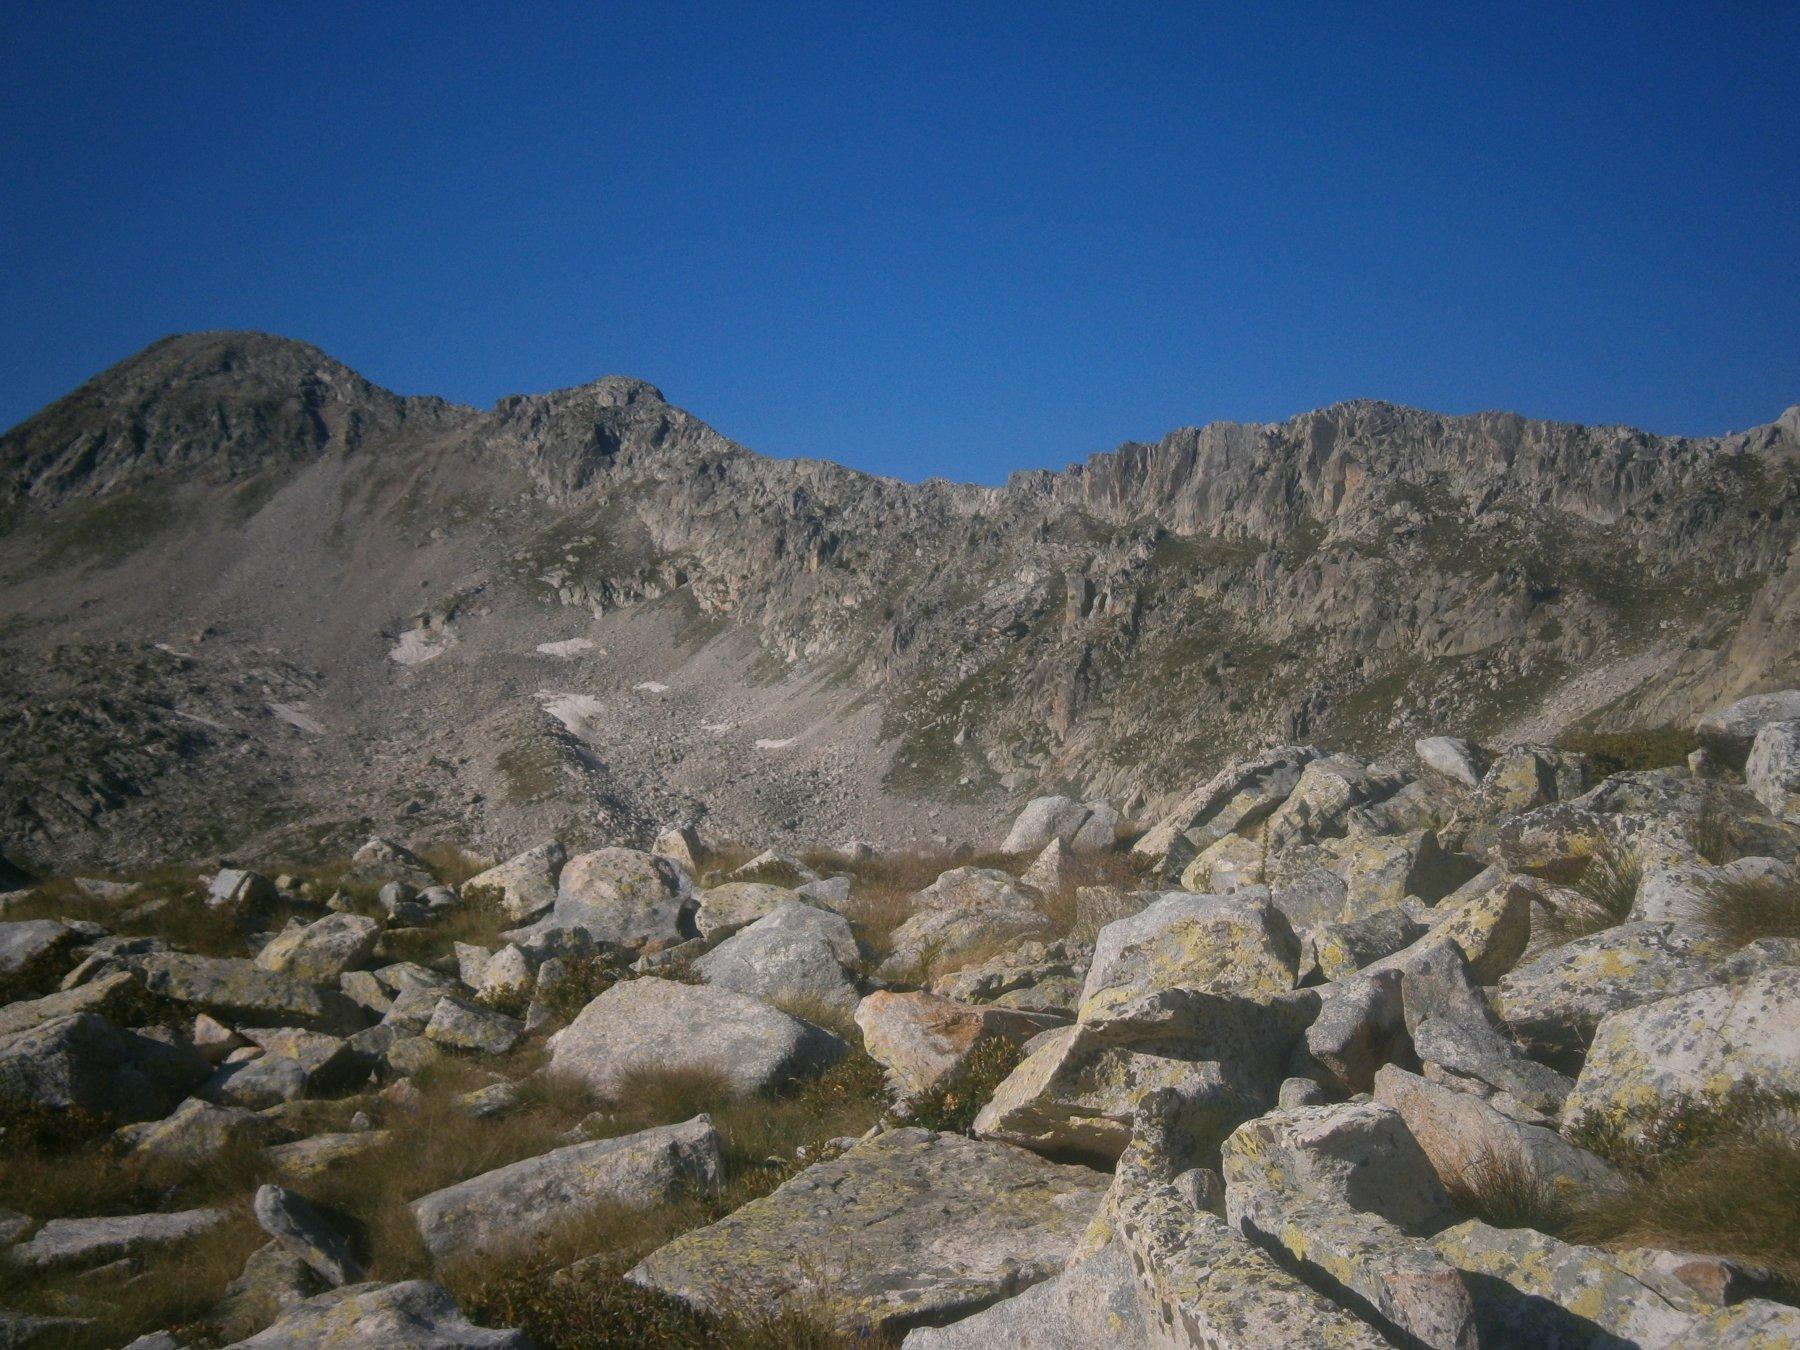 La cresta con la cima a sinistra